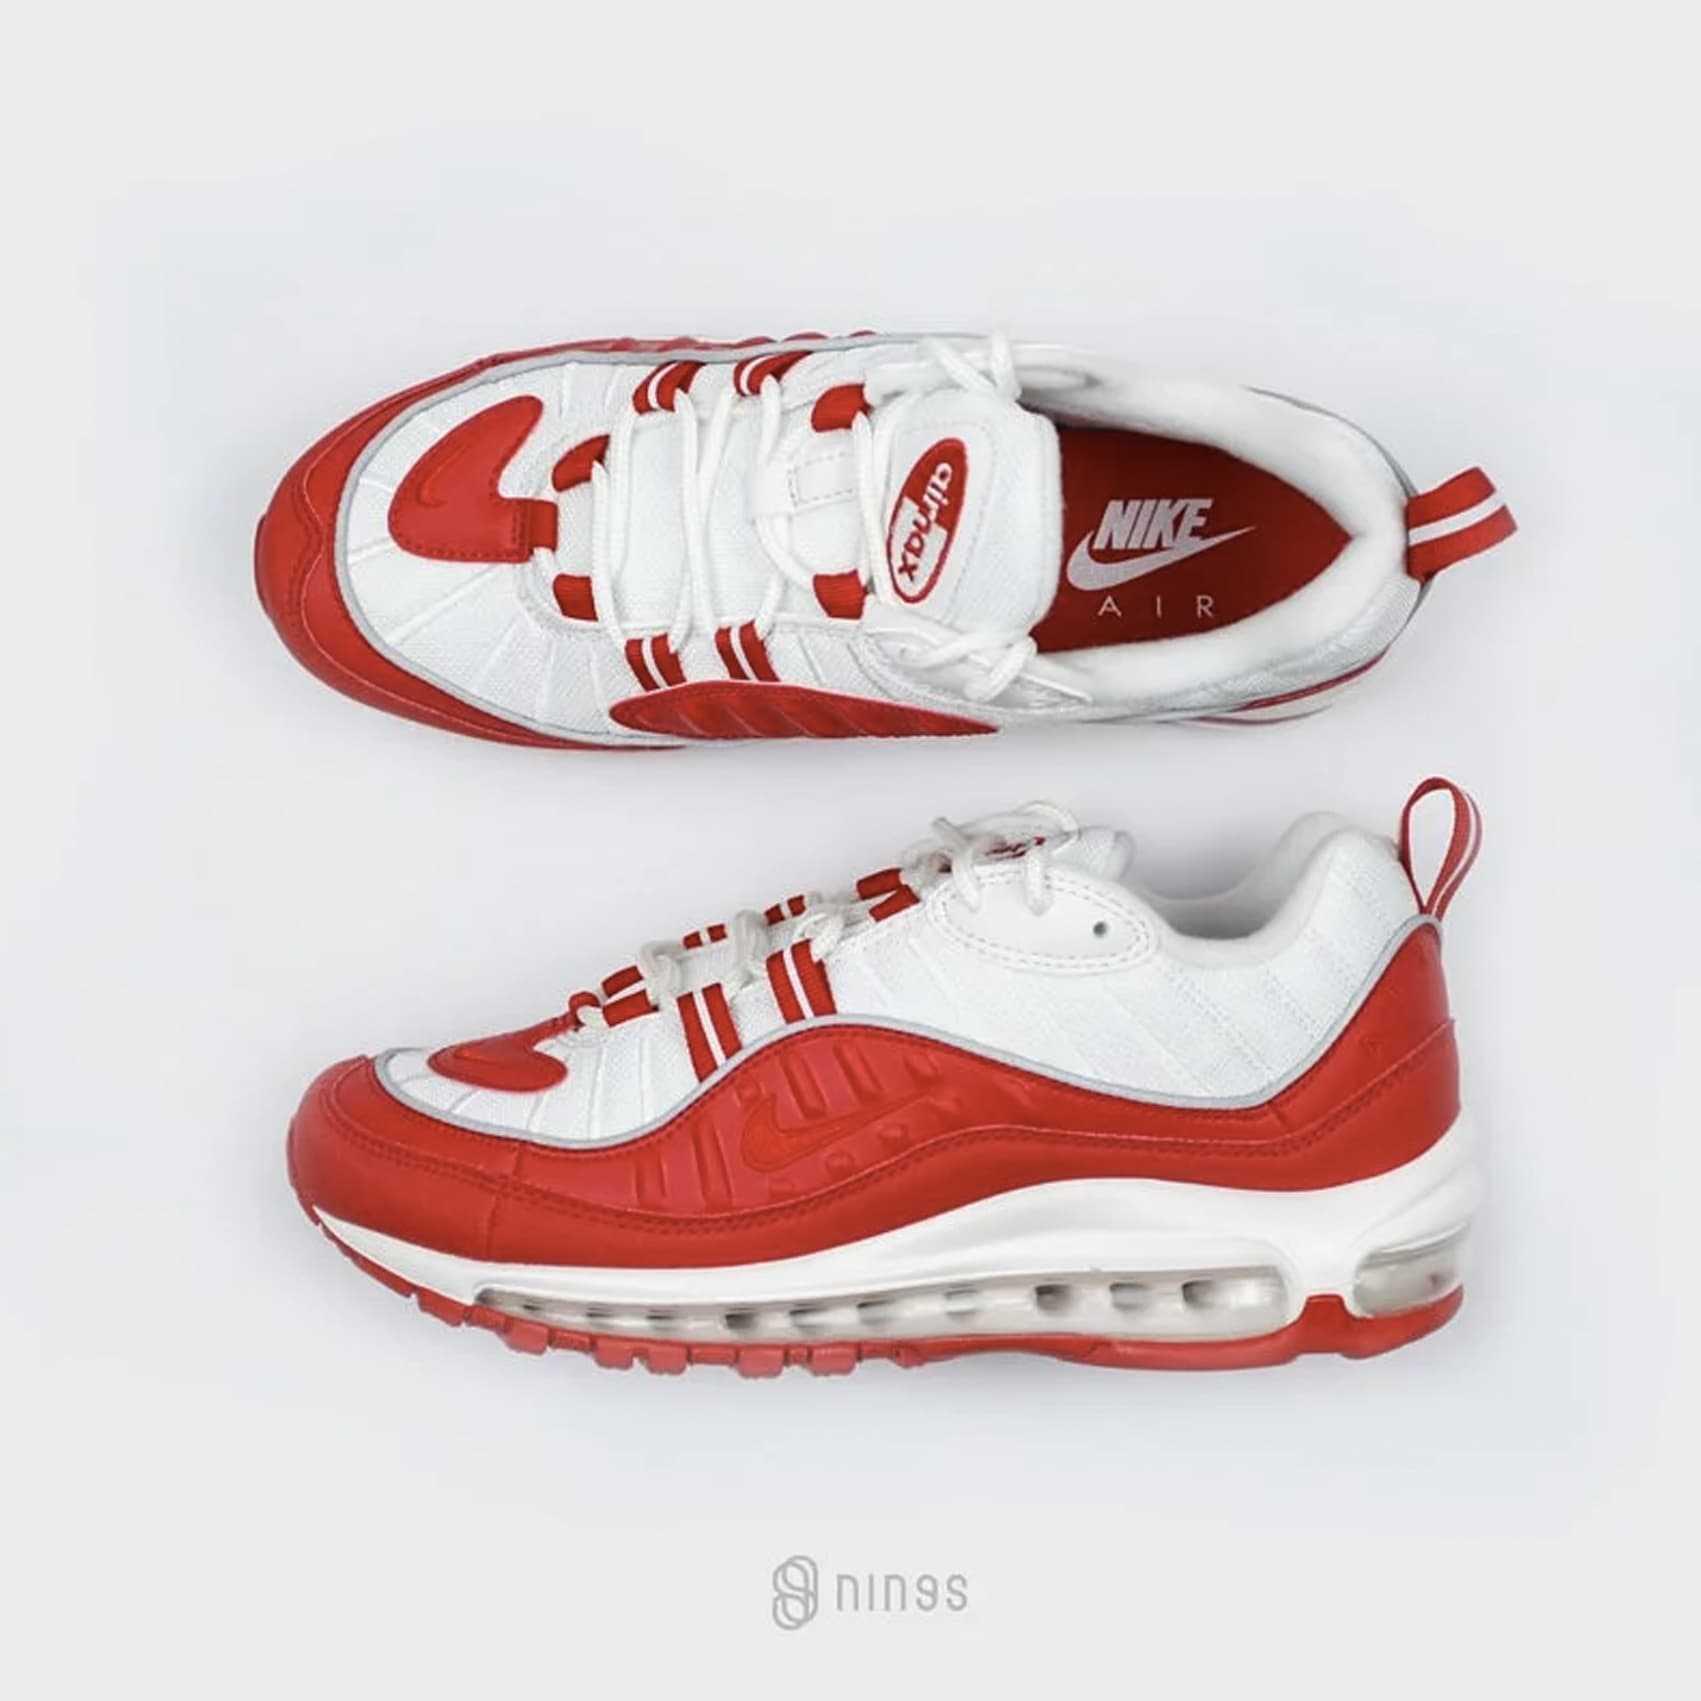 【有閑運動】NIKE AIR MAX 98 RED